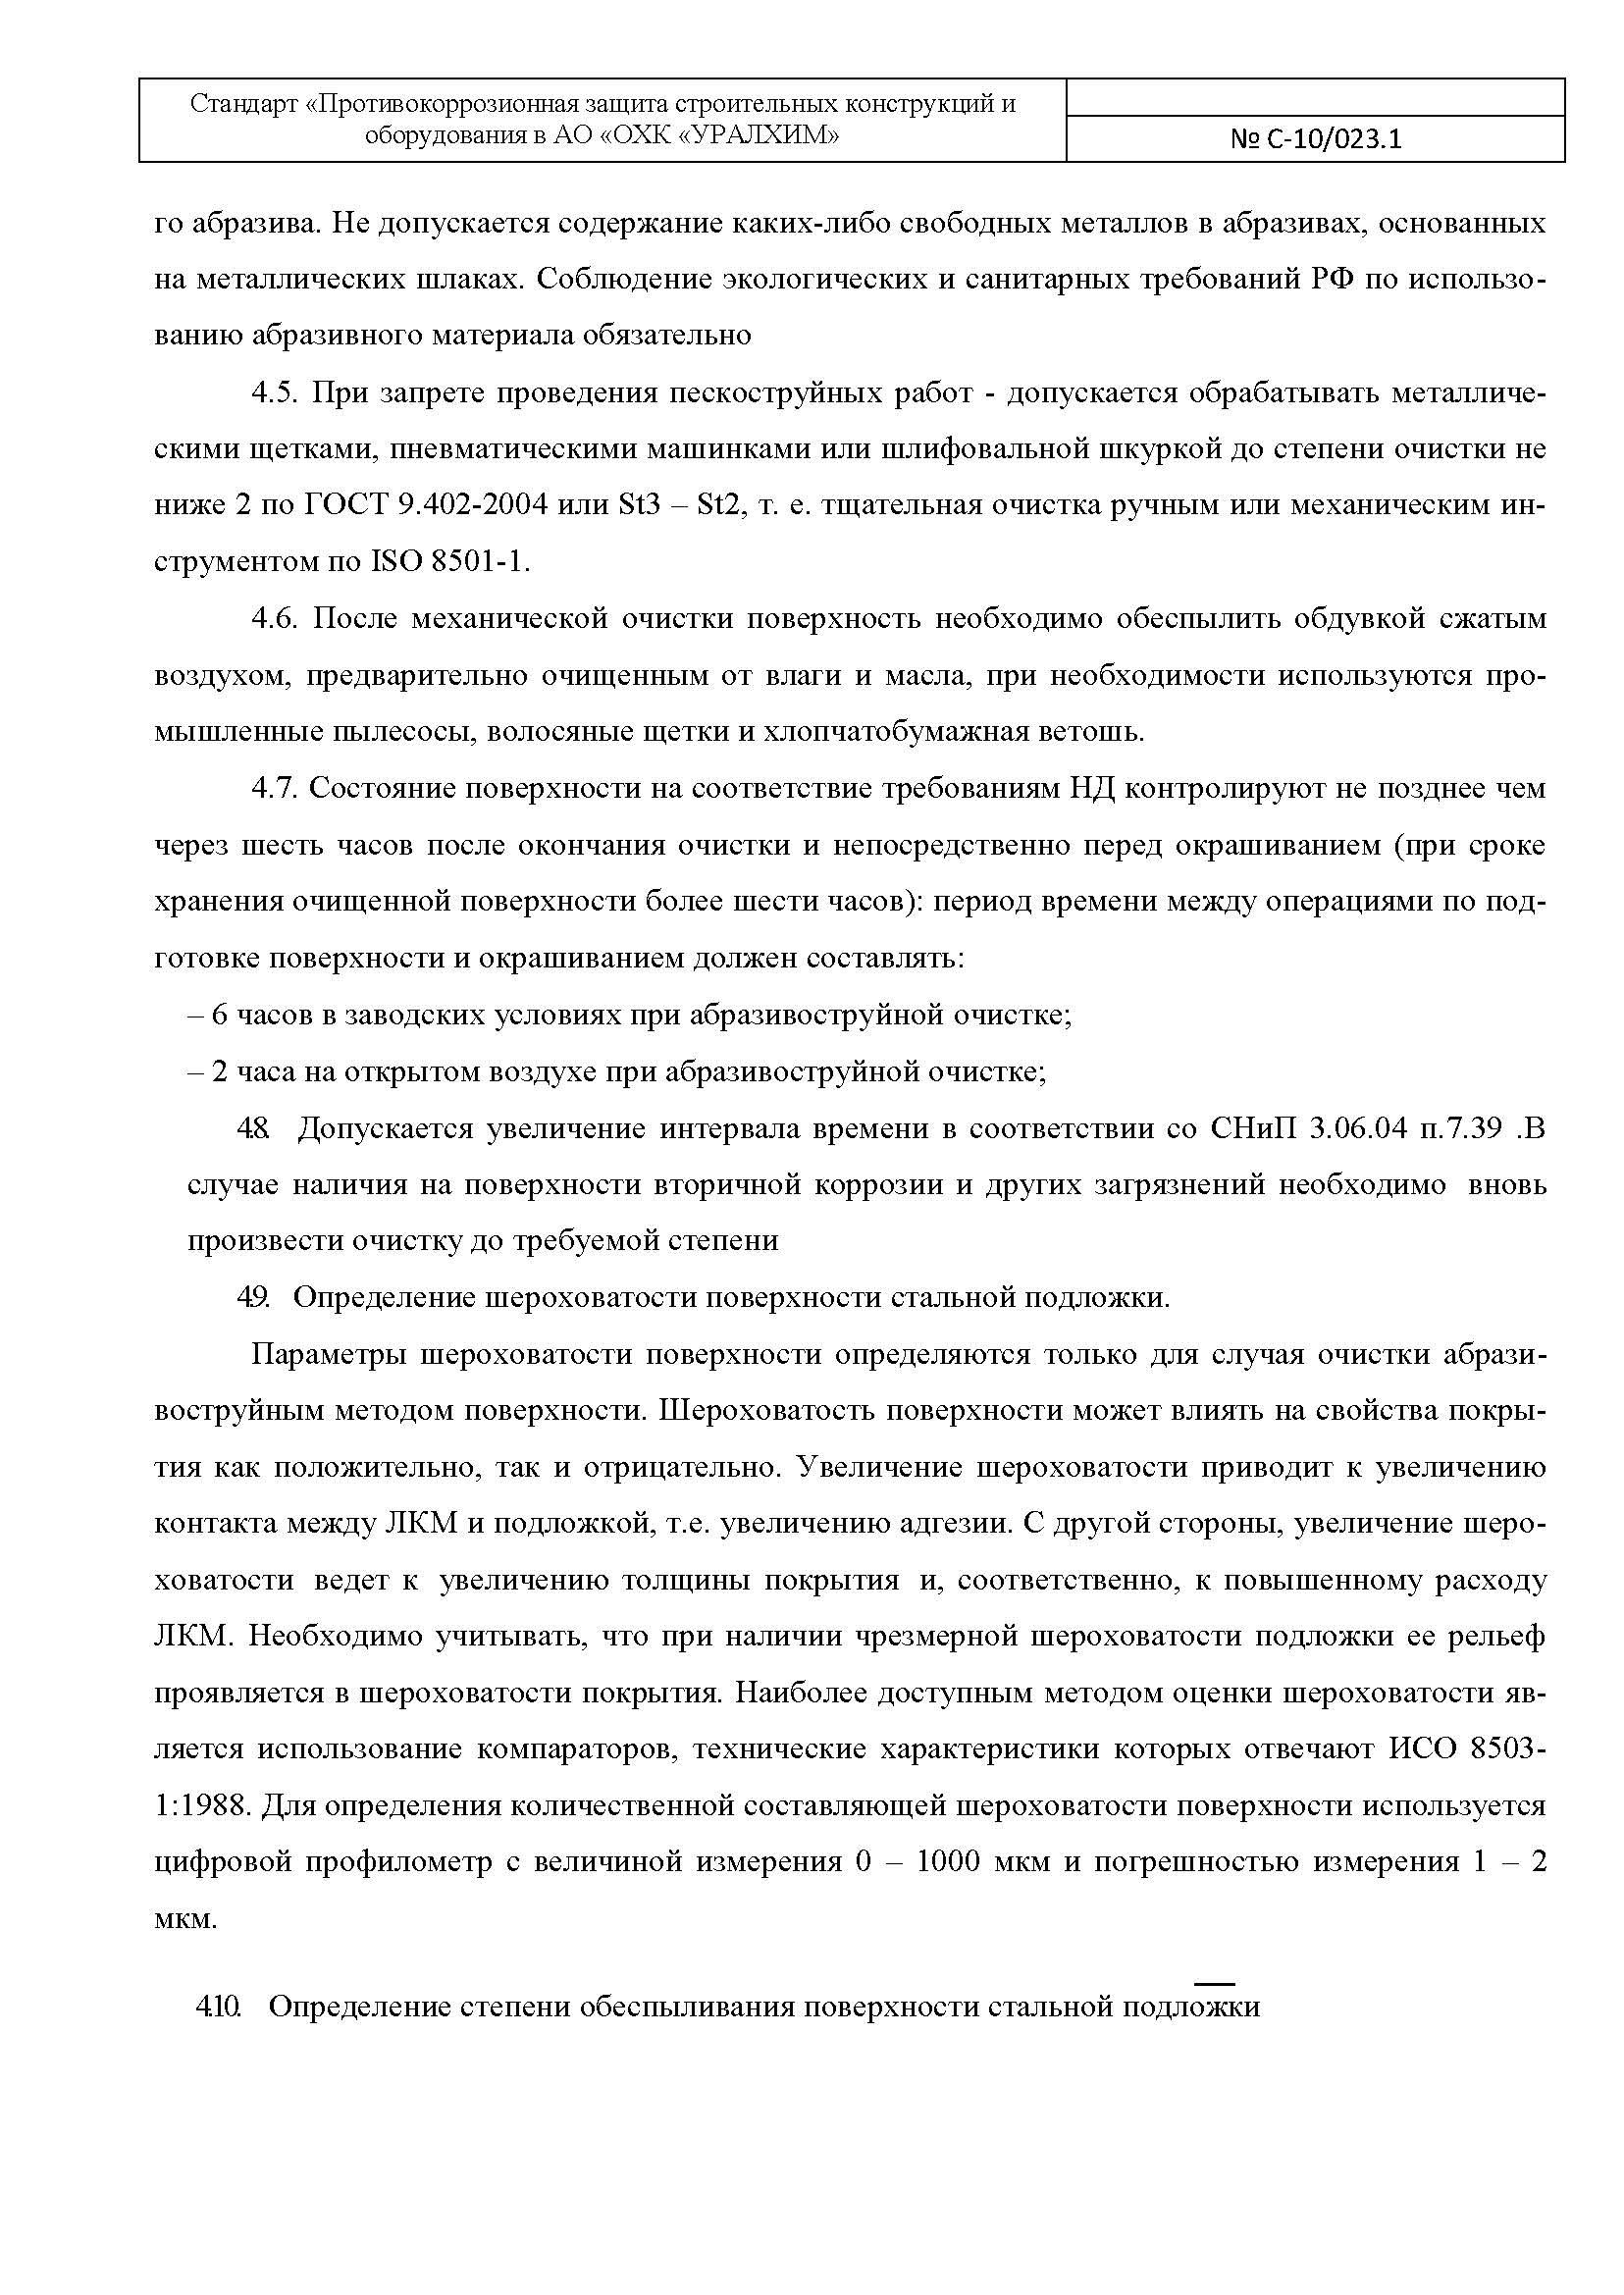 Выписка из Стандарта Противокоррозионная защита строительных конструкций и оборудования АО ОХК УРЛХИМ_Страница_09